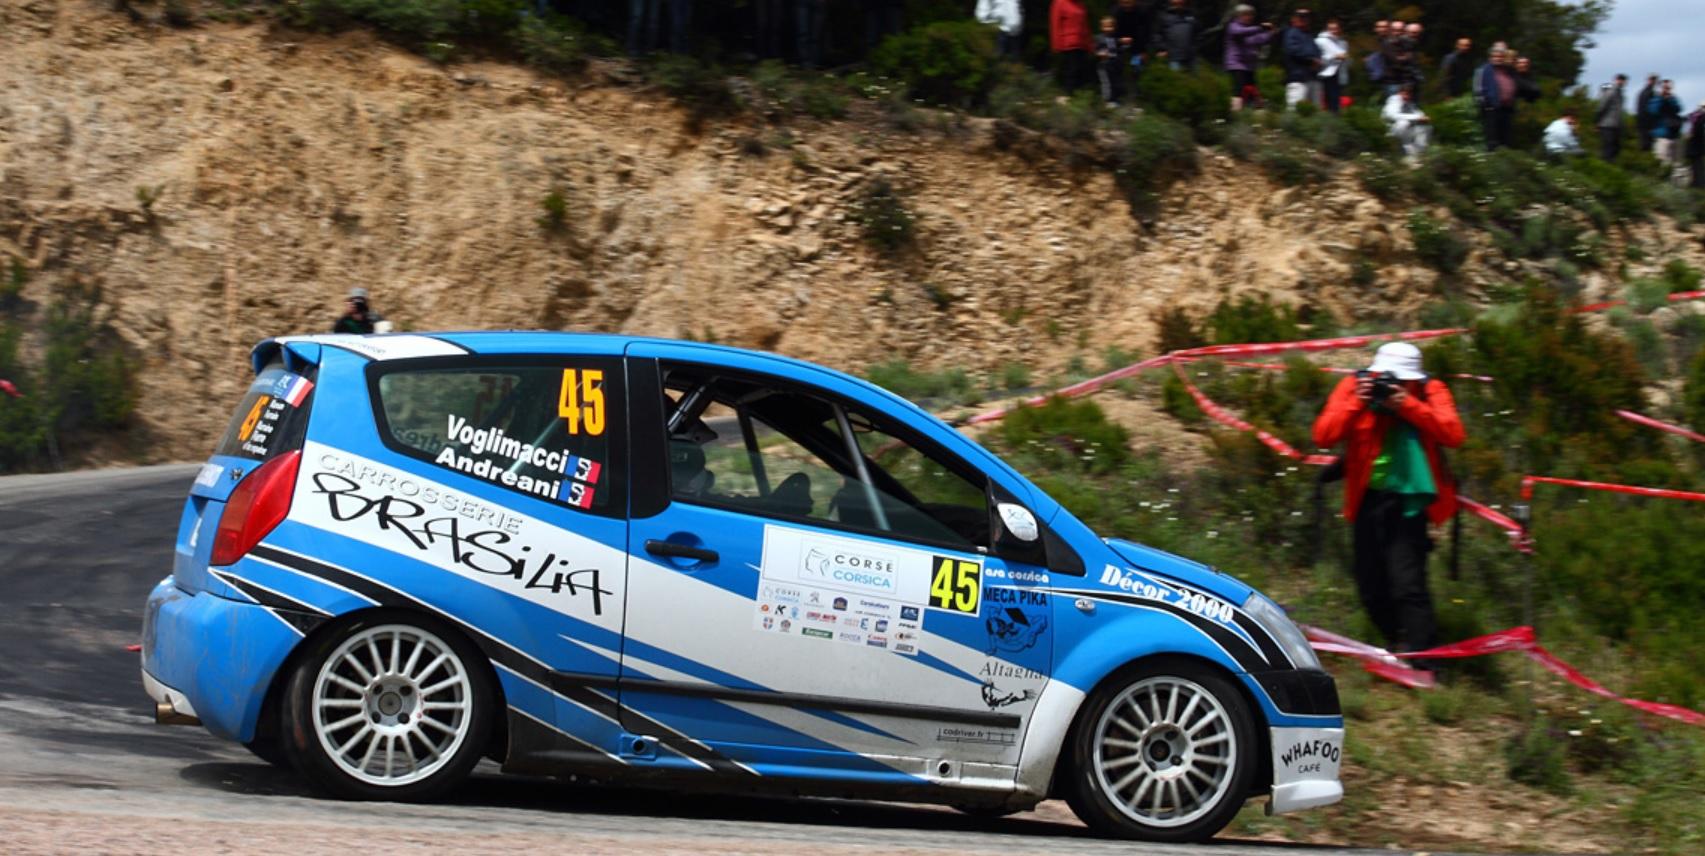 Andréani-Voglimacci .Photo Rallye-Mania-cz